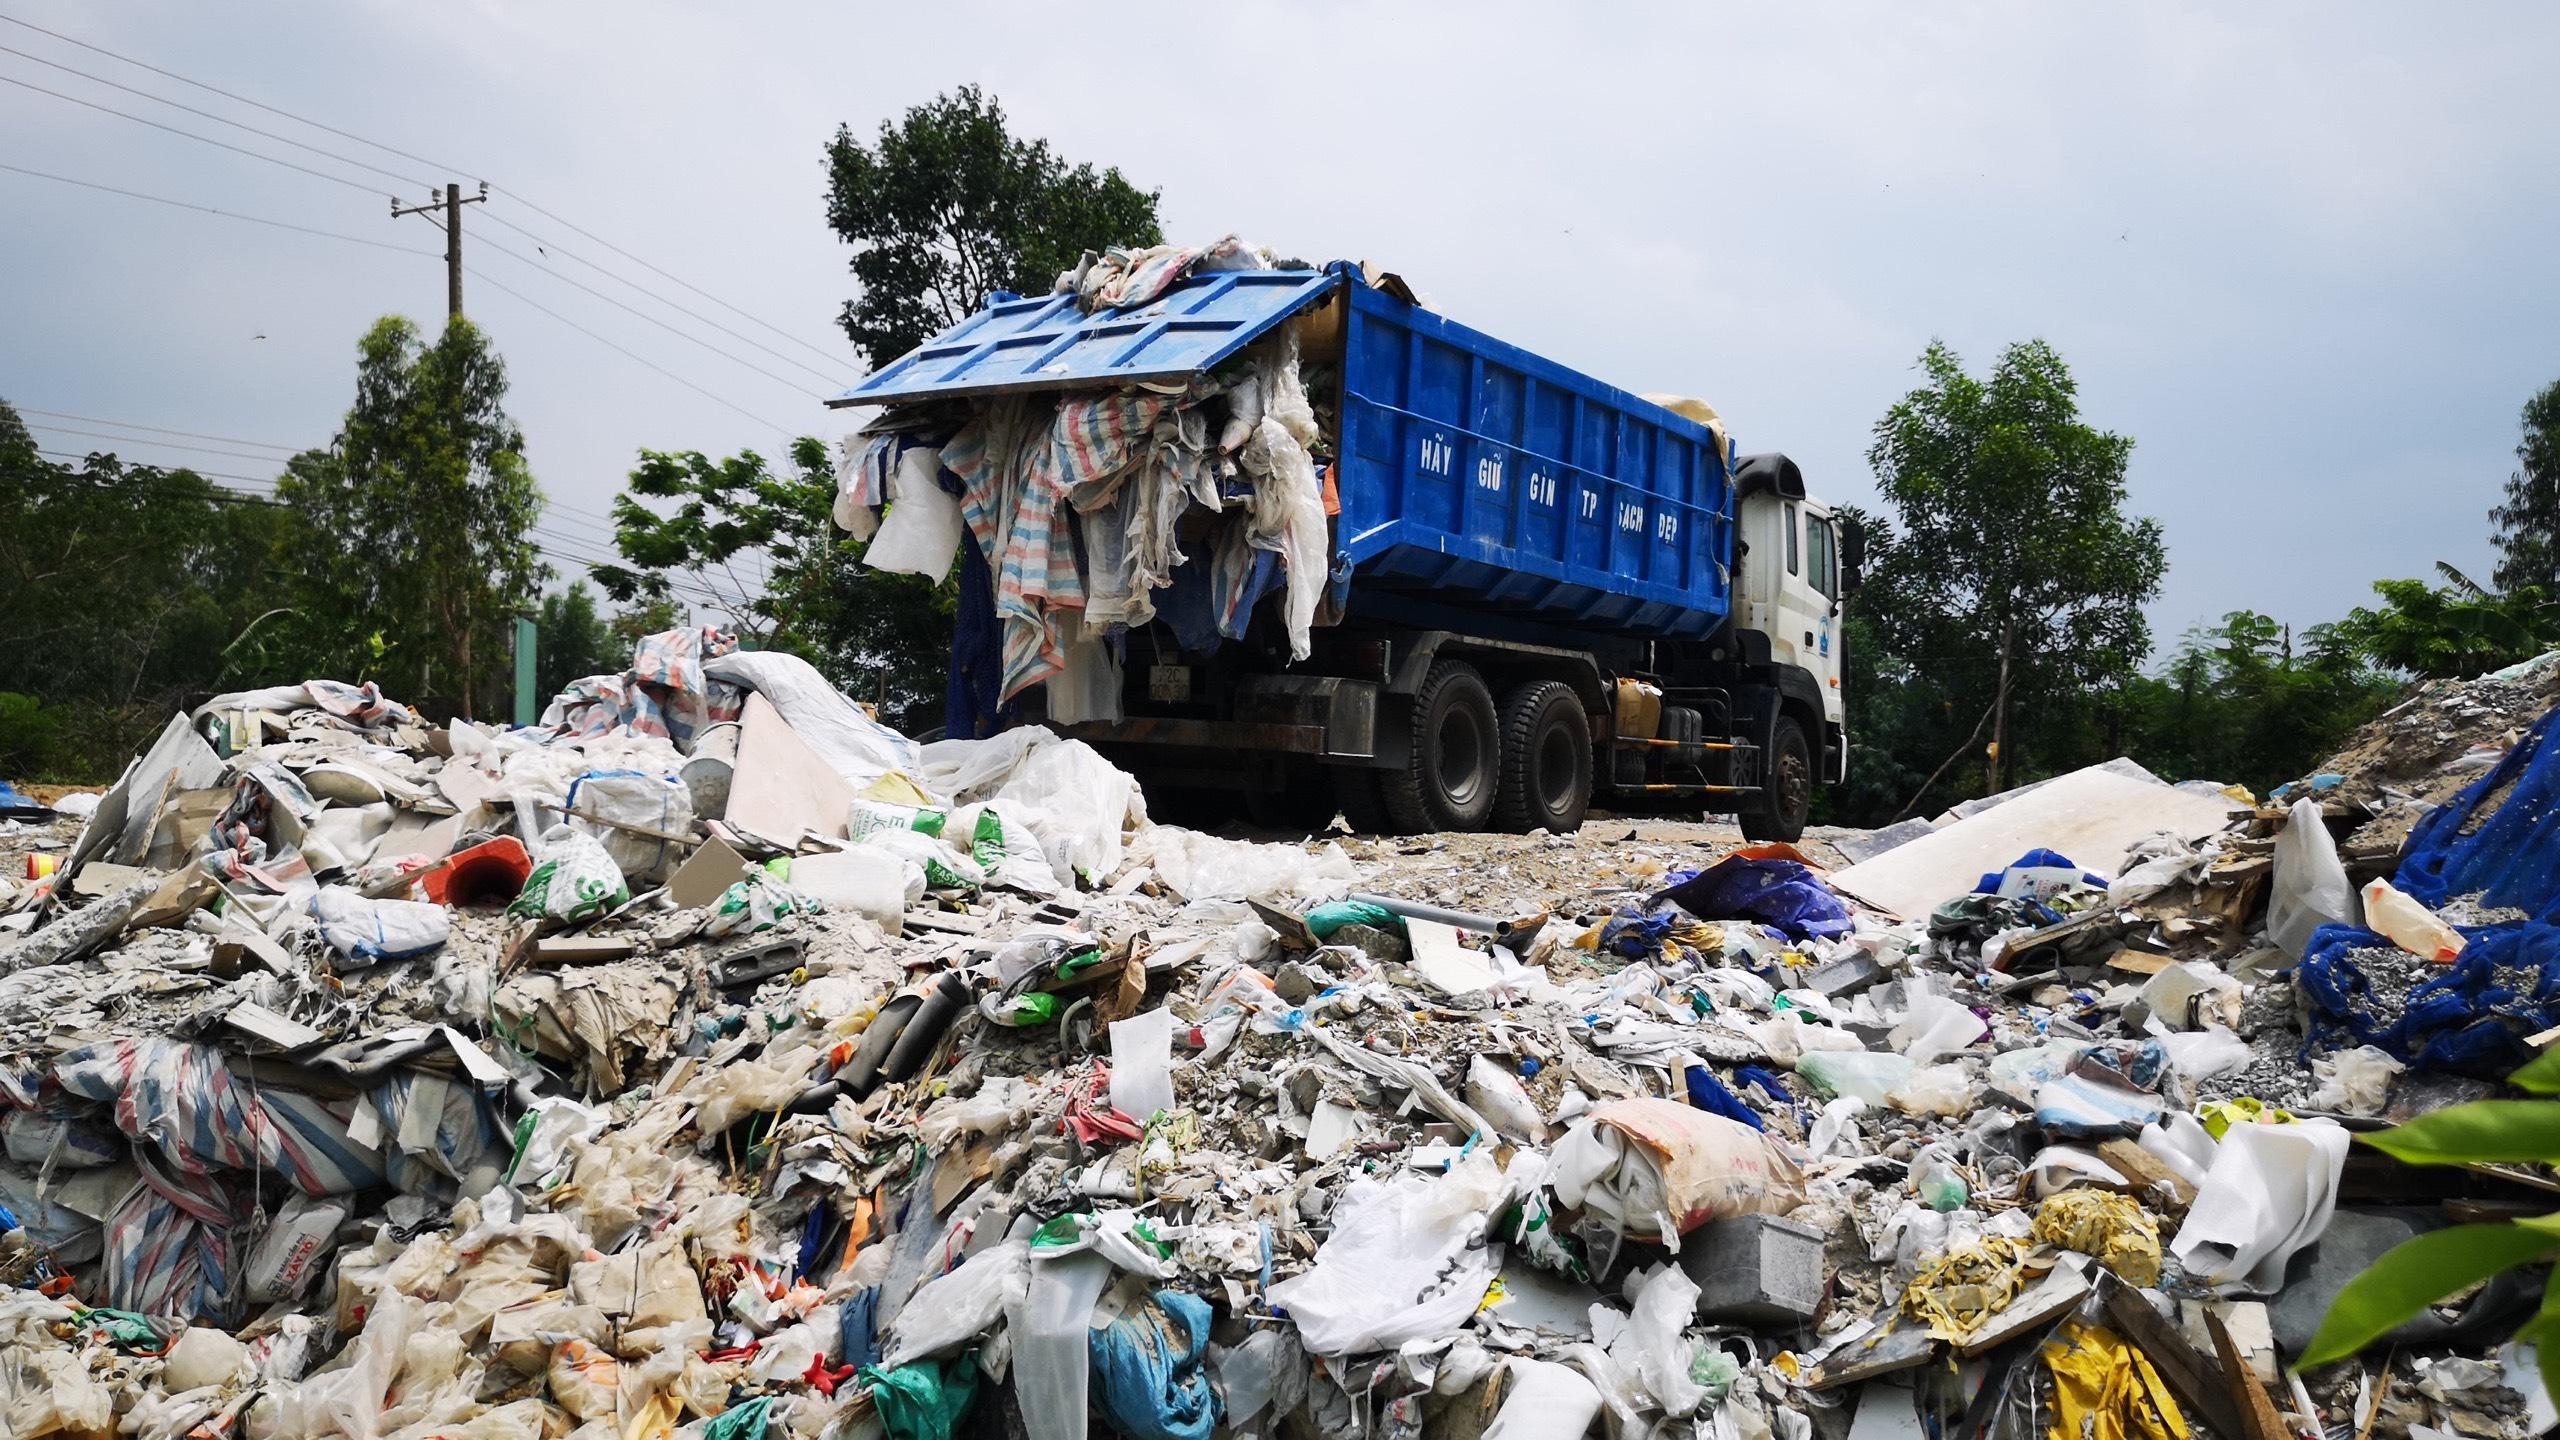 Bà Rịa - Vũng Tàu: Bắt vụ đổ gần chục tấn chất thải trái phép xuống khu đất trống - Ảnh 1.